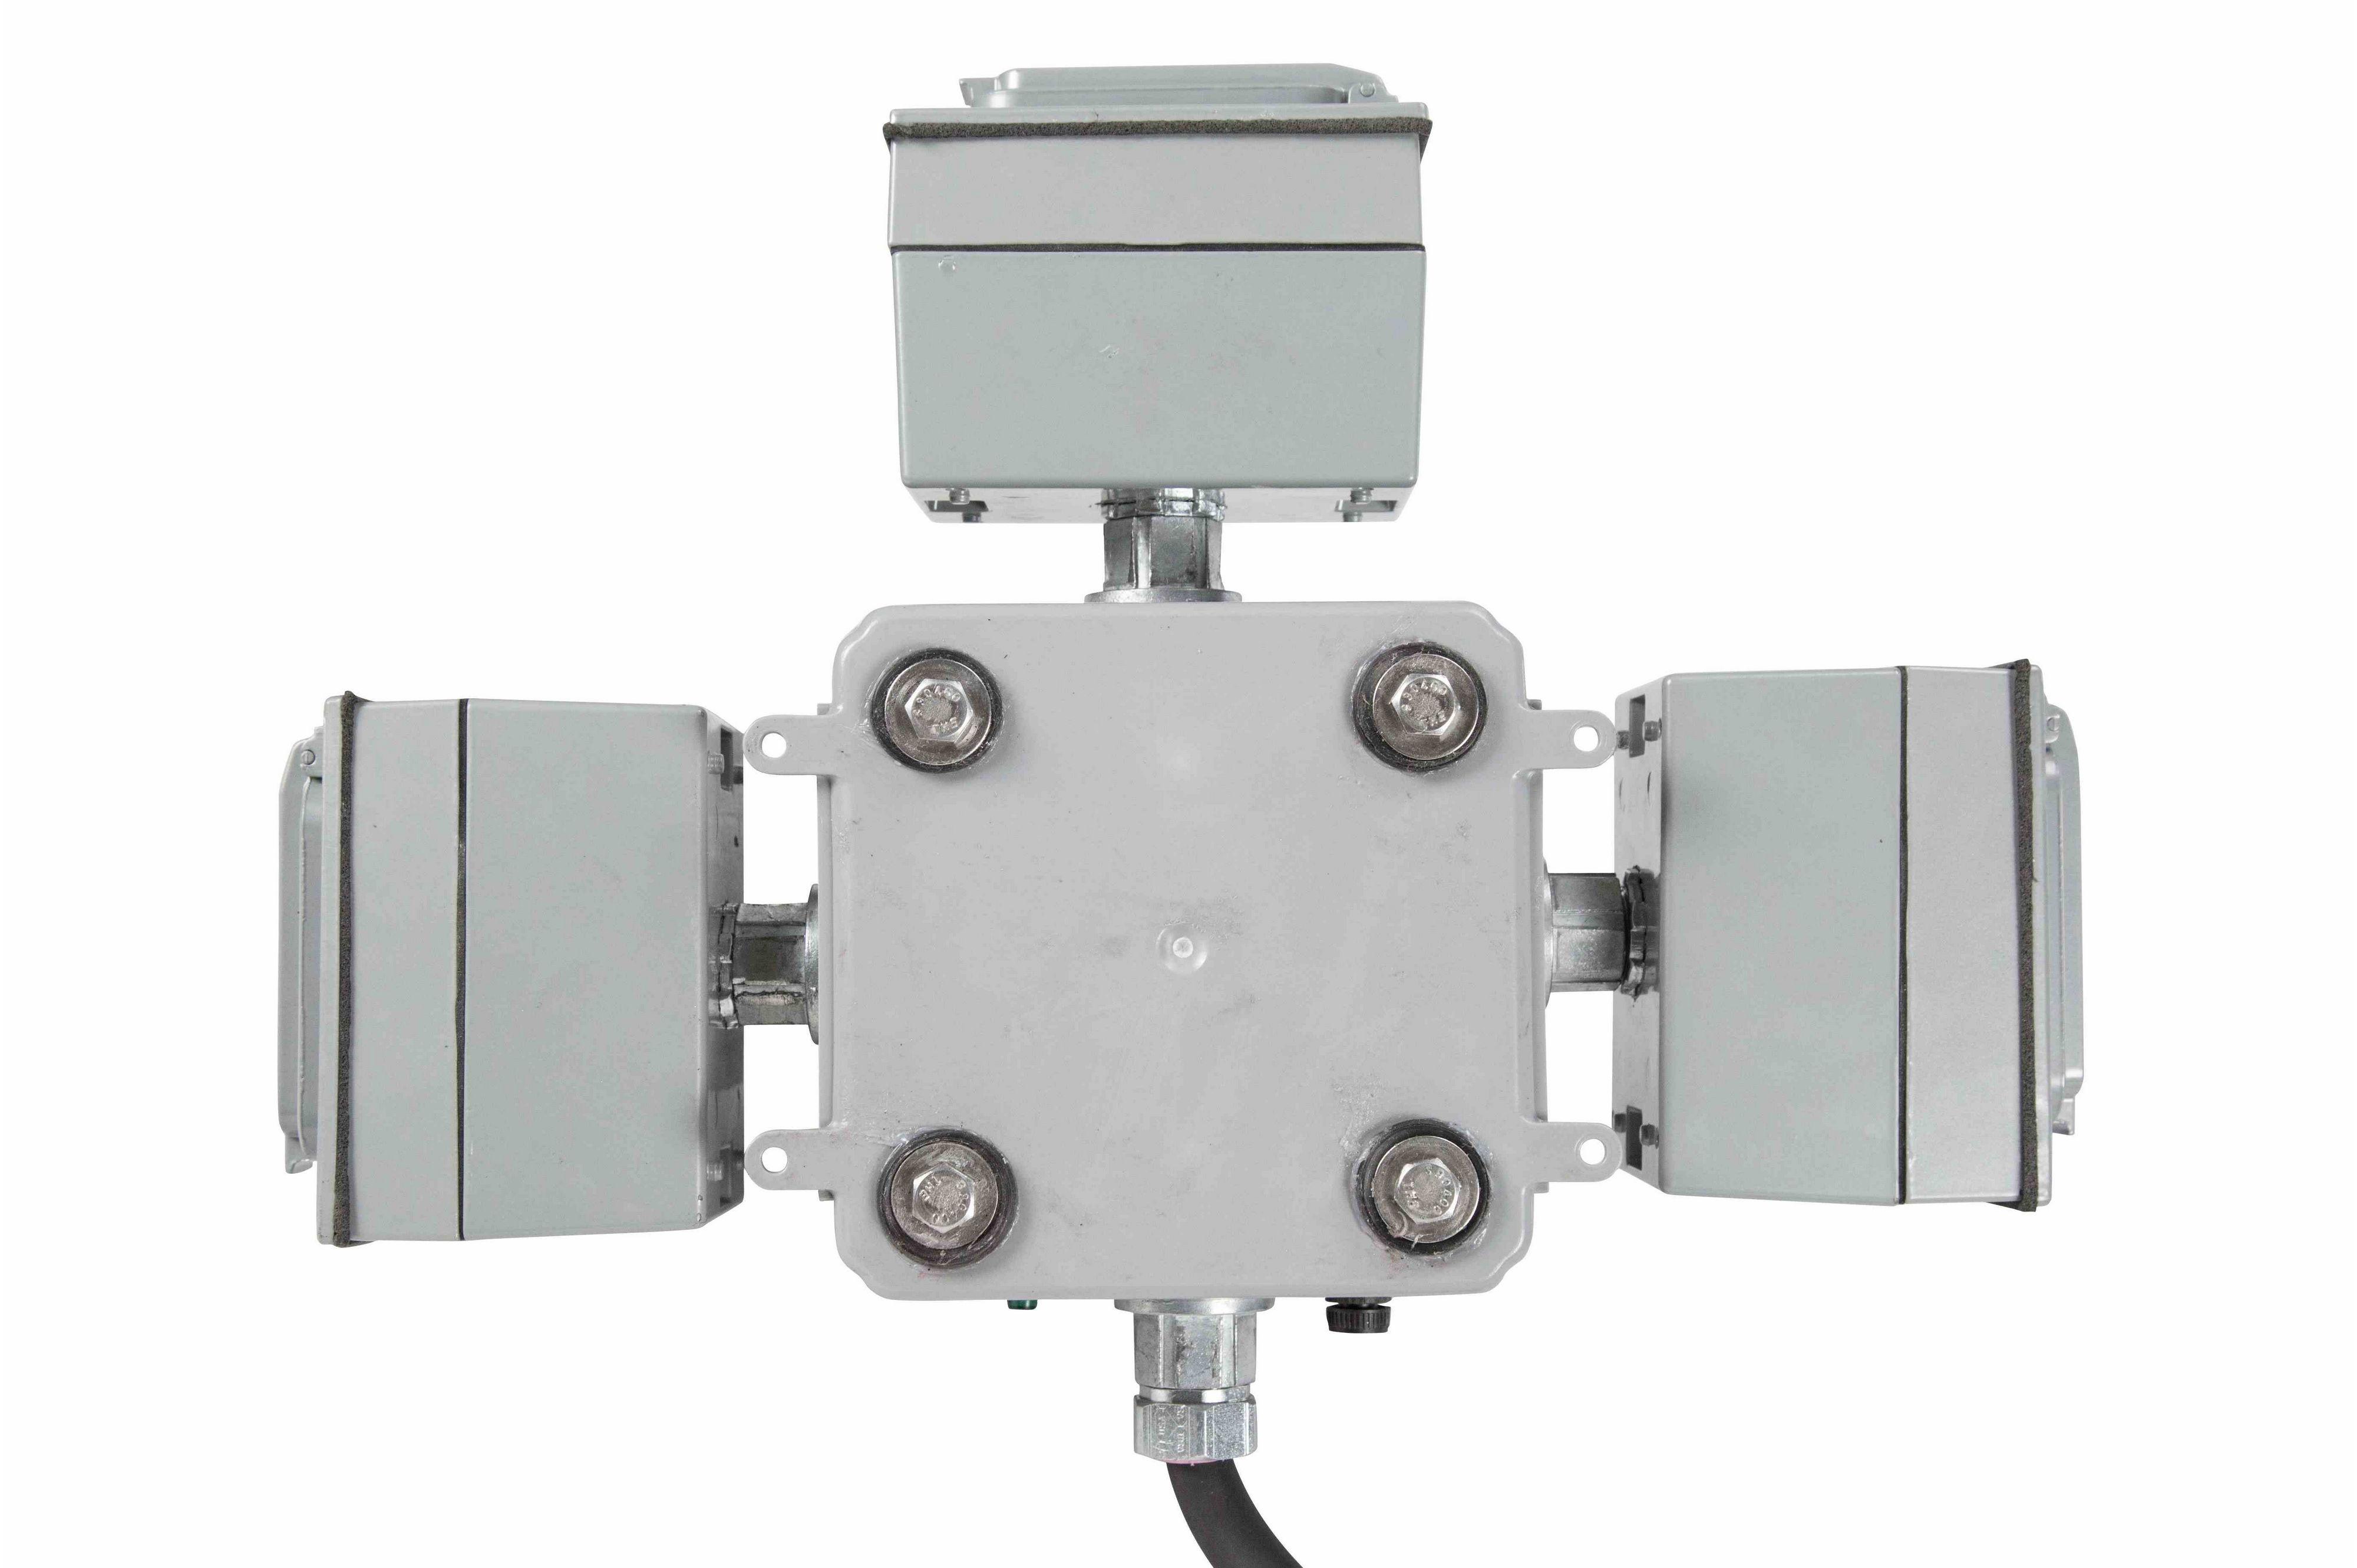 120V GFCI Receptacles - NEMA 4 Enclosure - 3-Dual Receptacle, 20-Amp ...